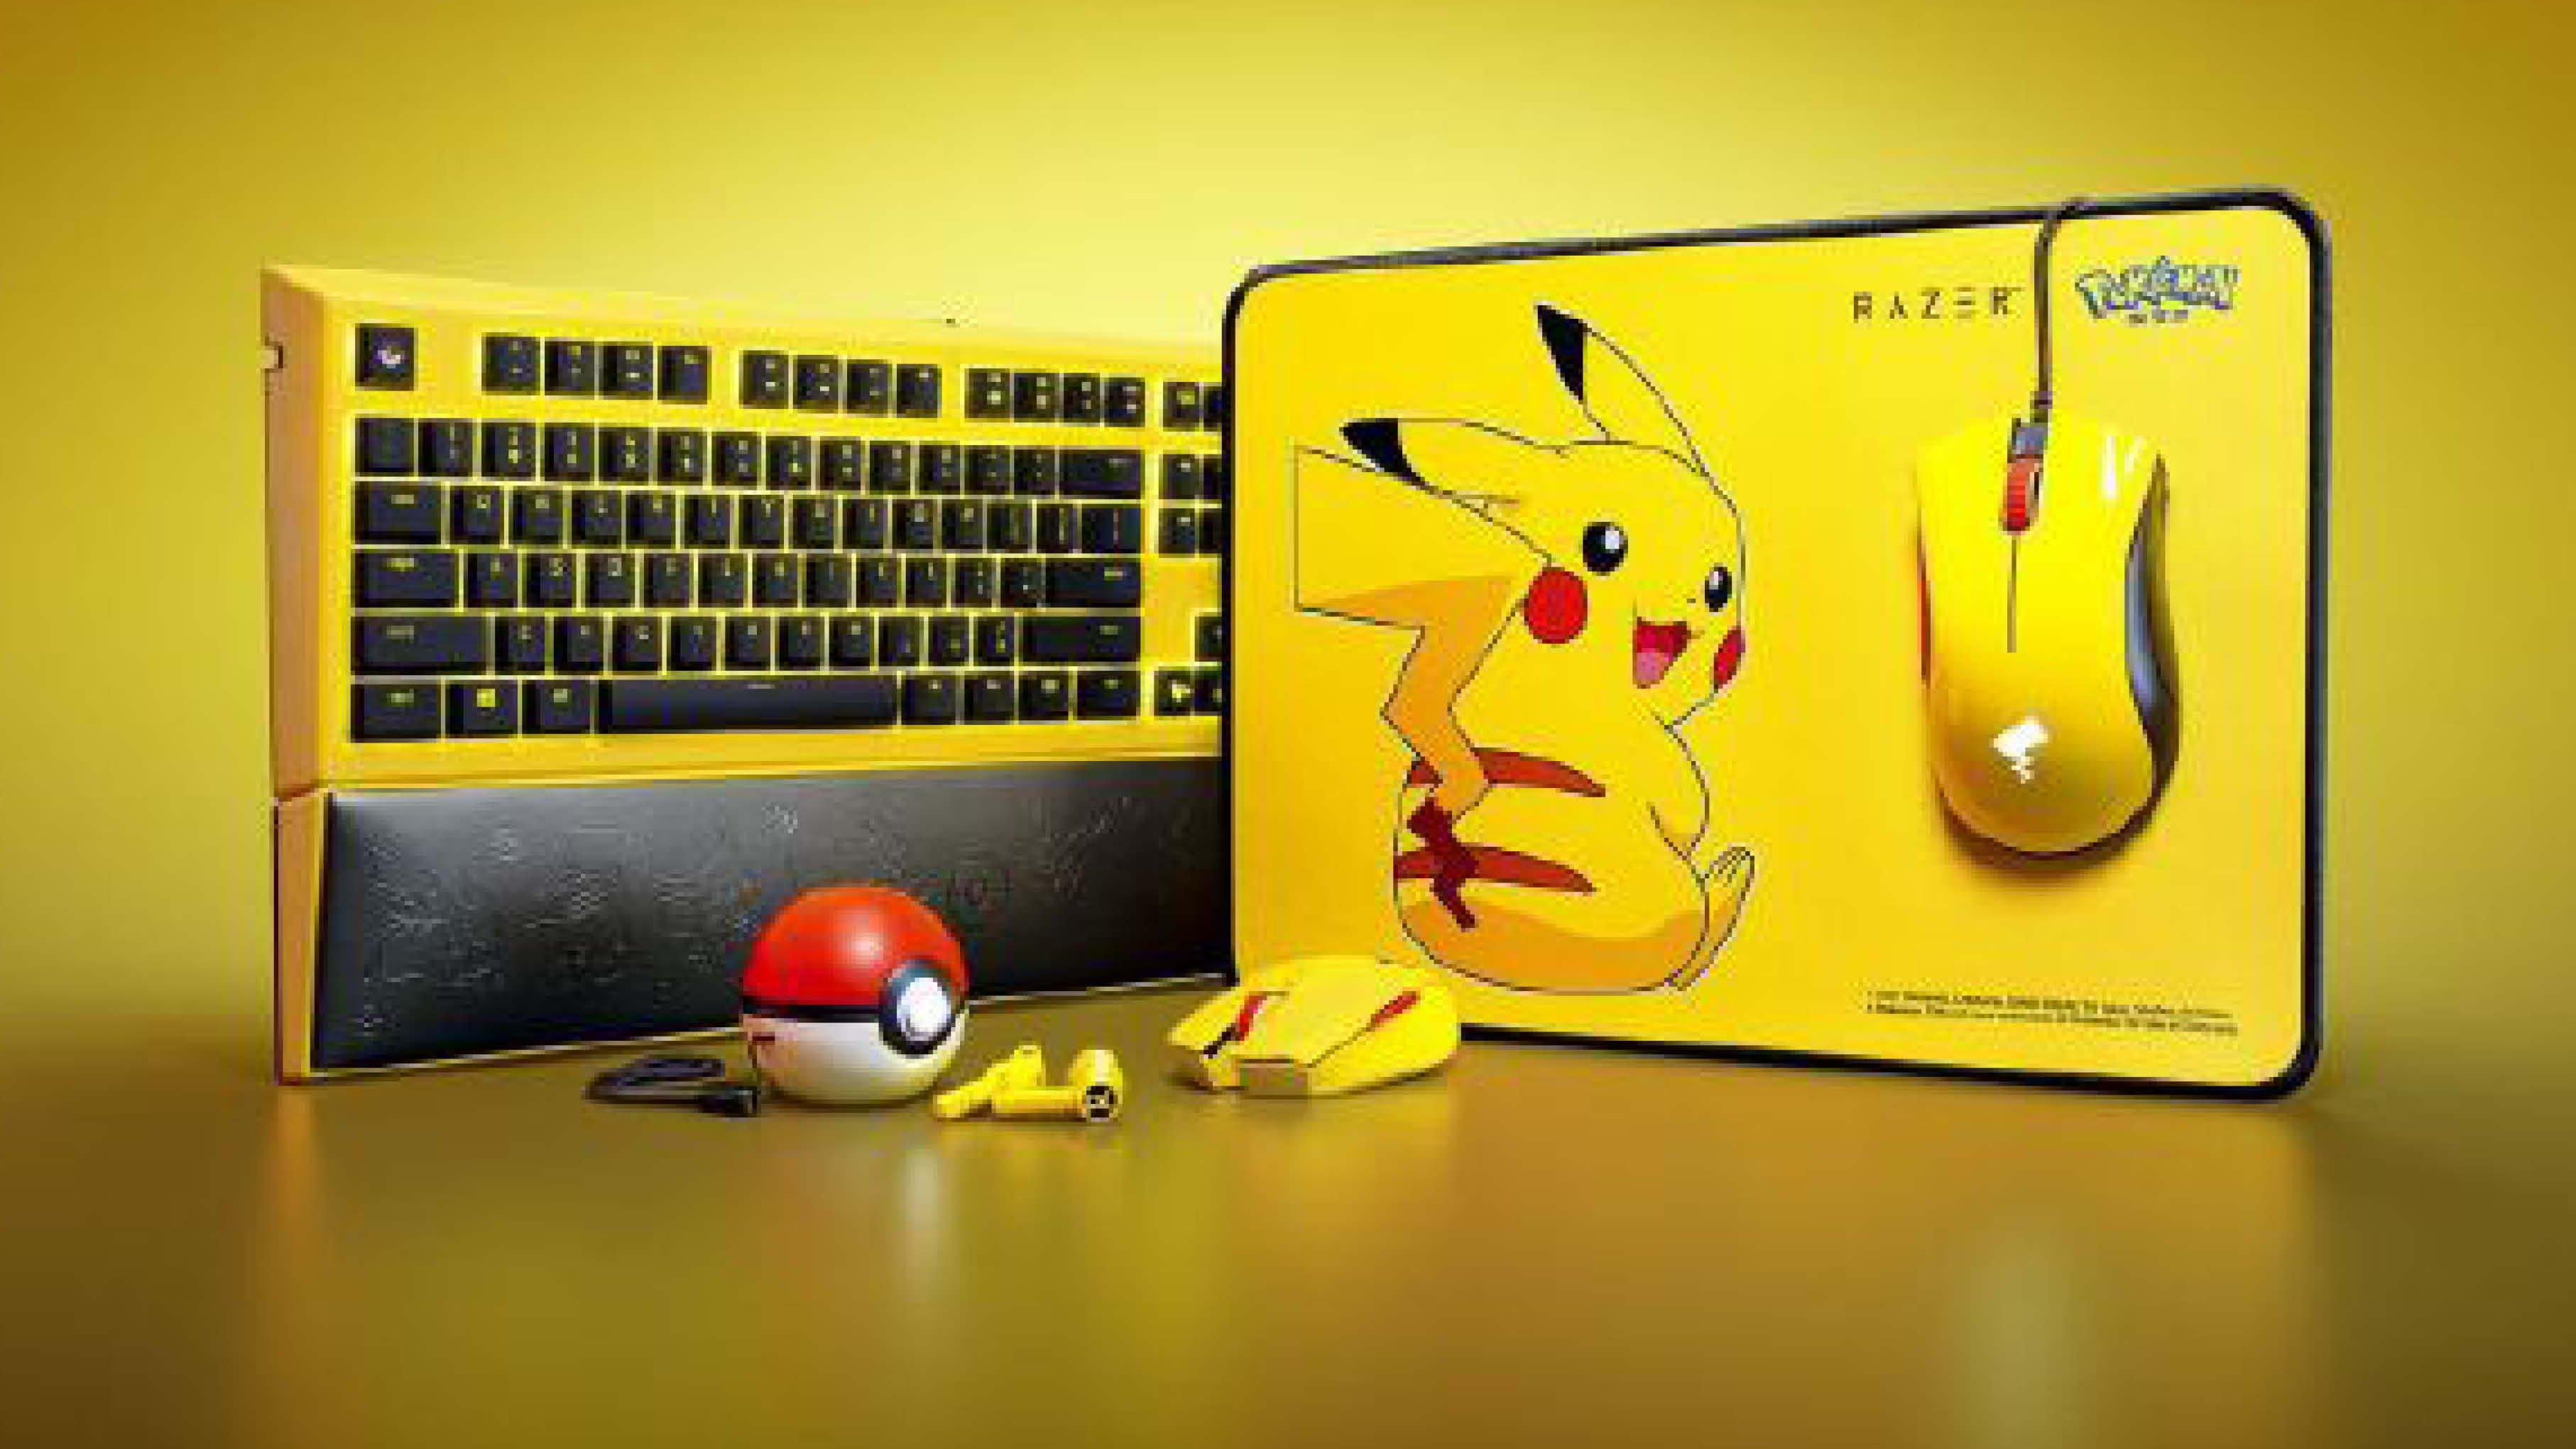 Pikachu- razer